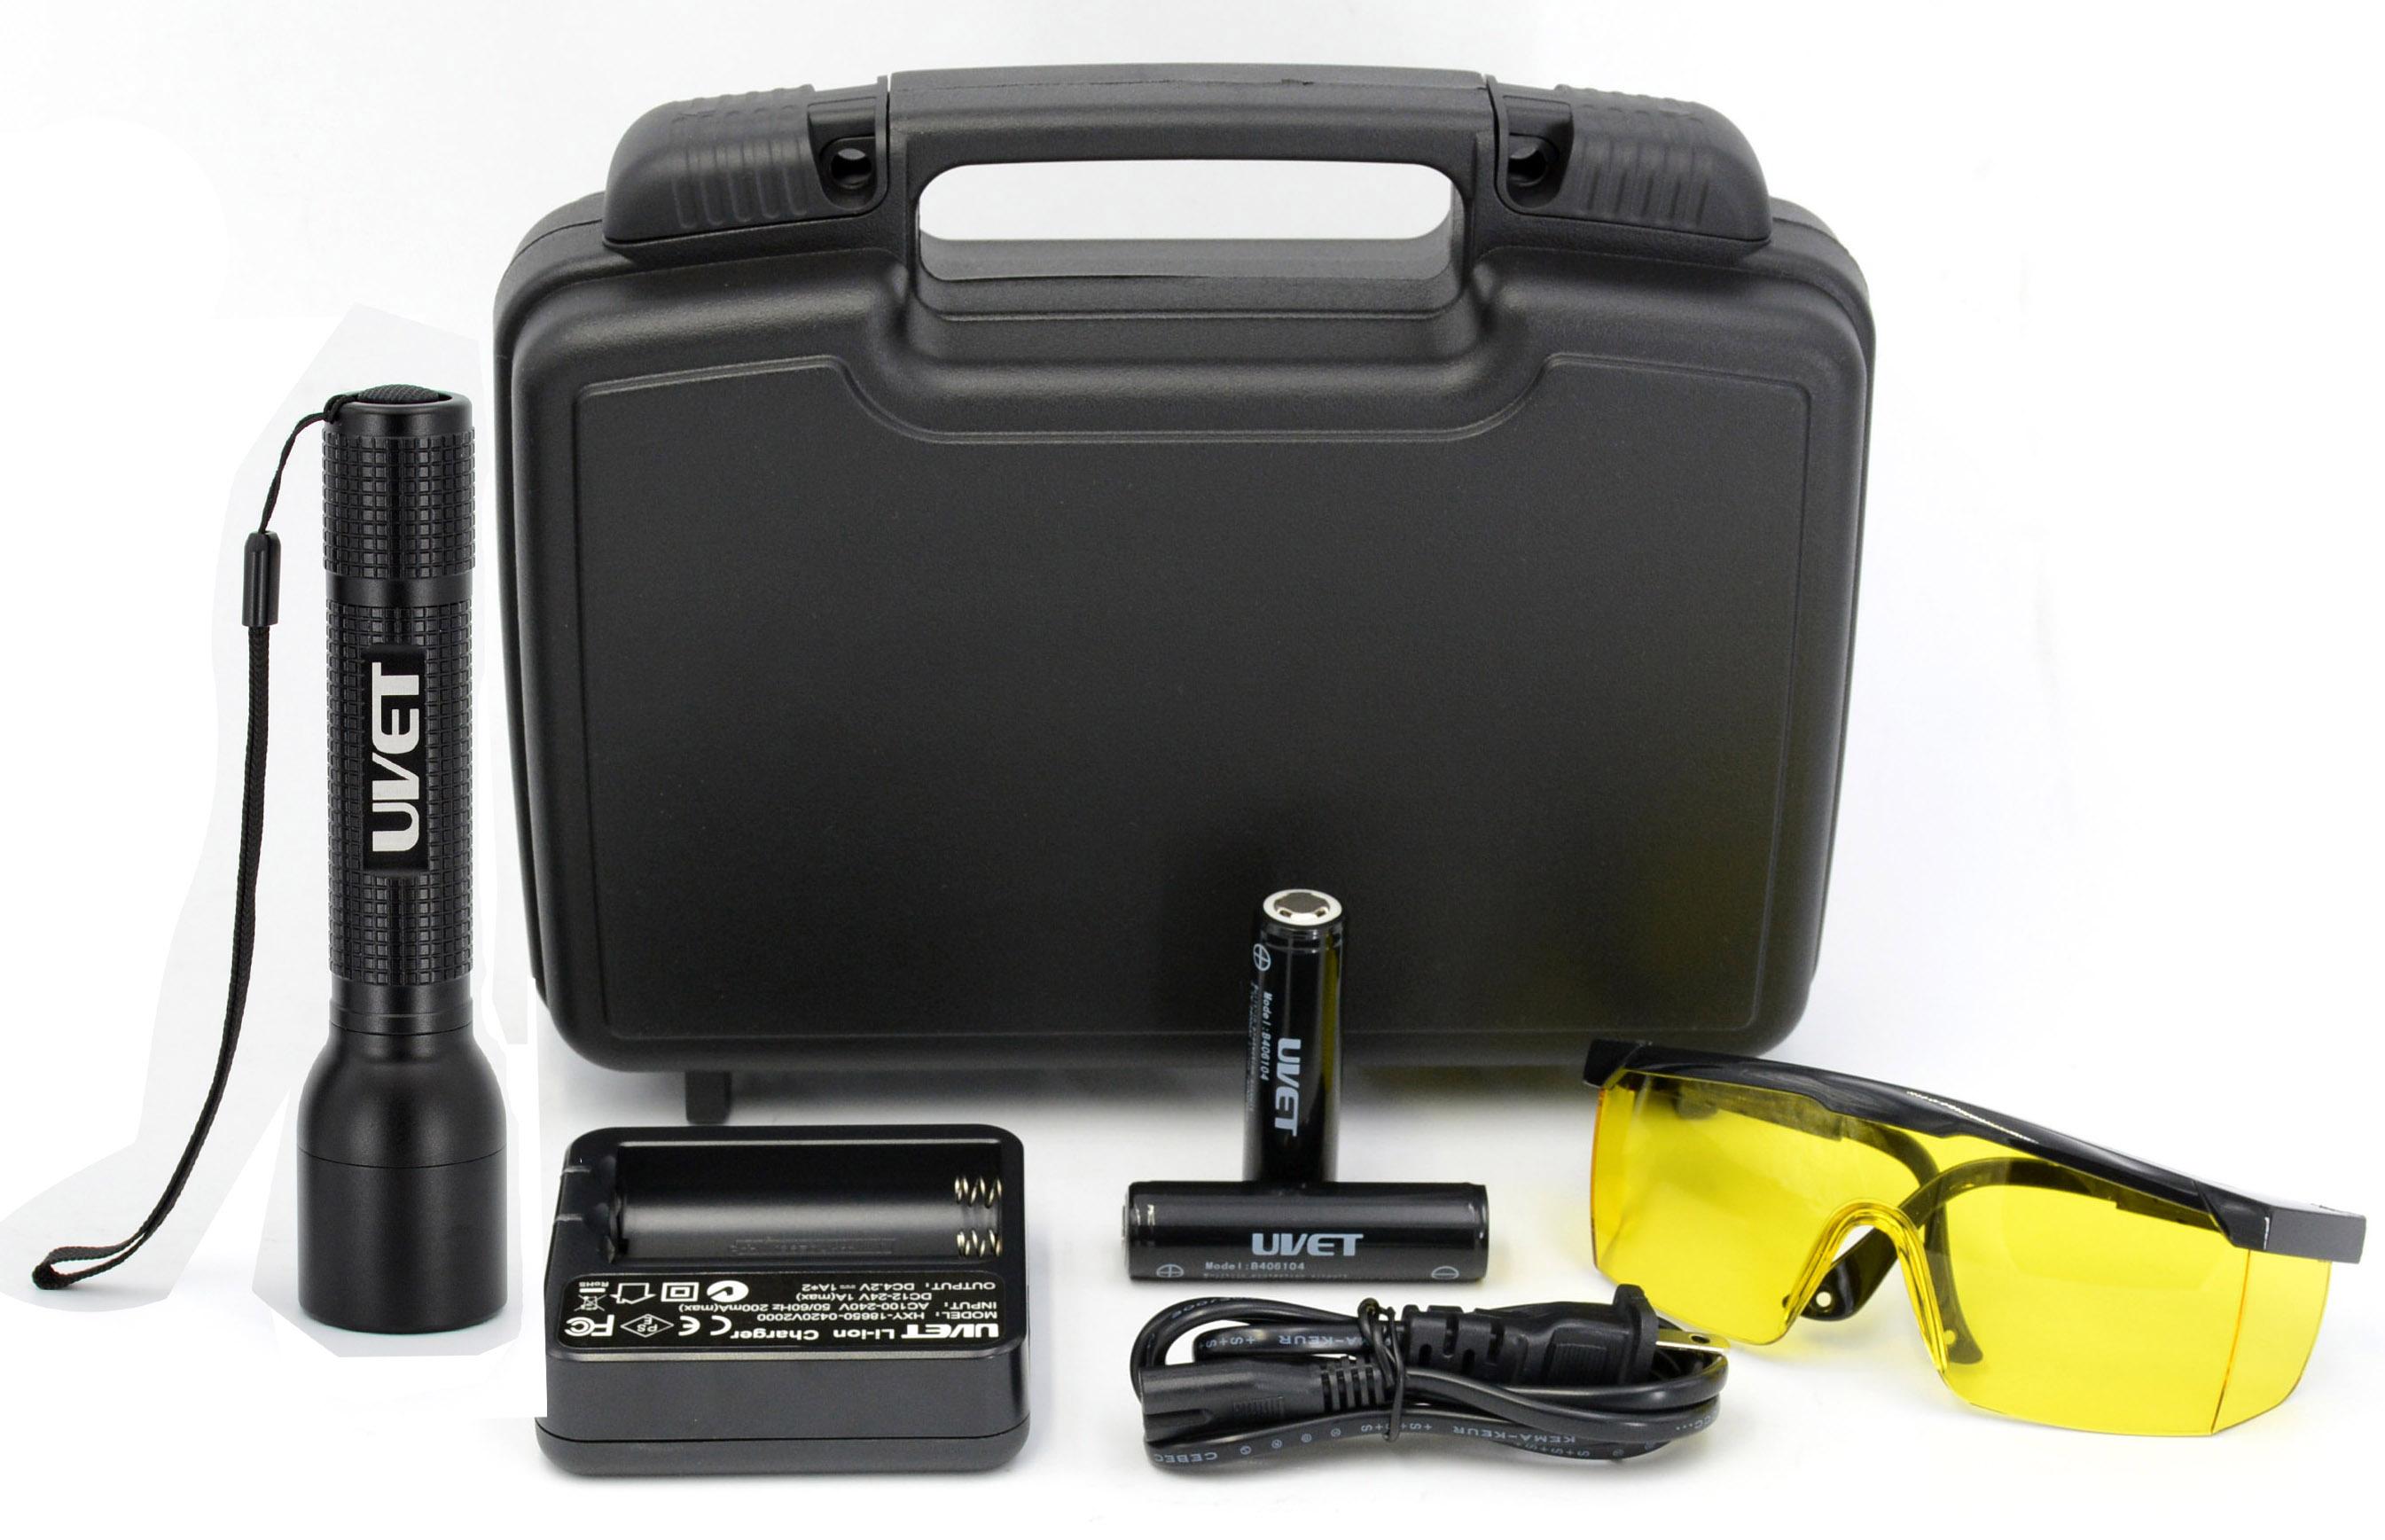 Special Design for Led Uv Printer With Epson Heads - UV LED Inspection Lamp UV170E – UVET